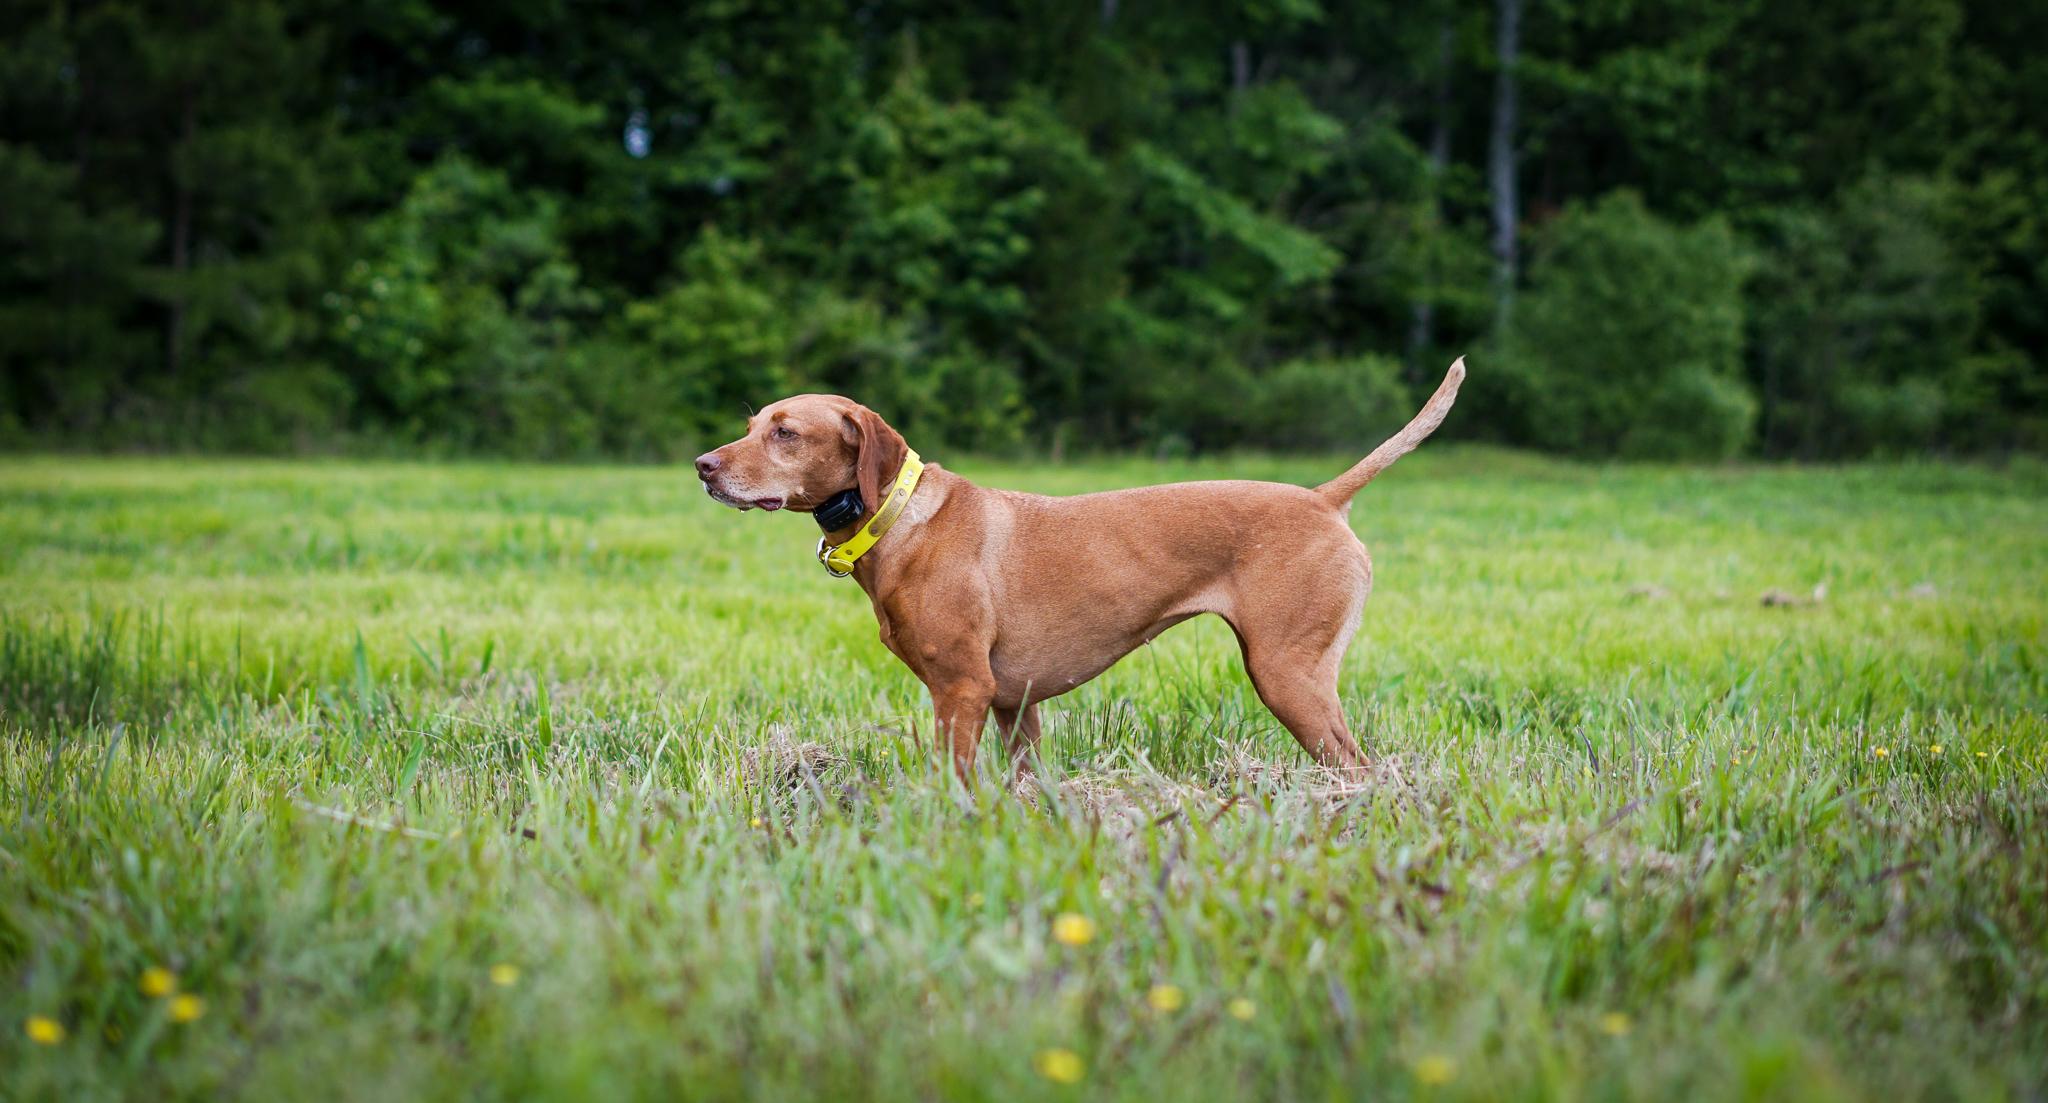 Bird Dog Tests & Trials: An Overview